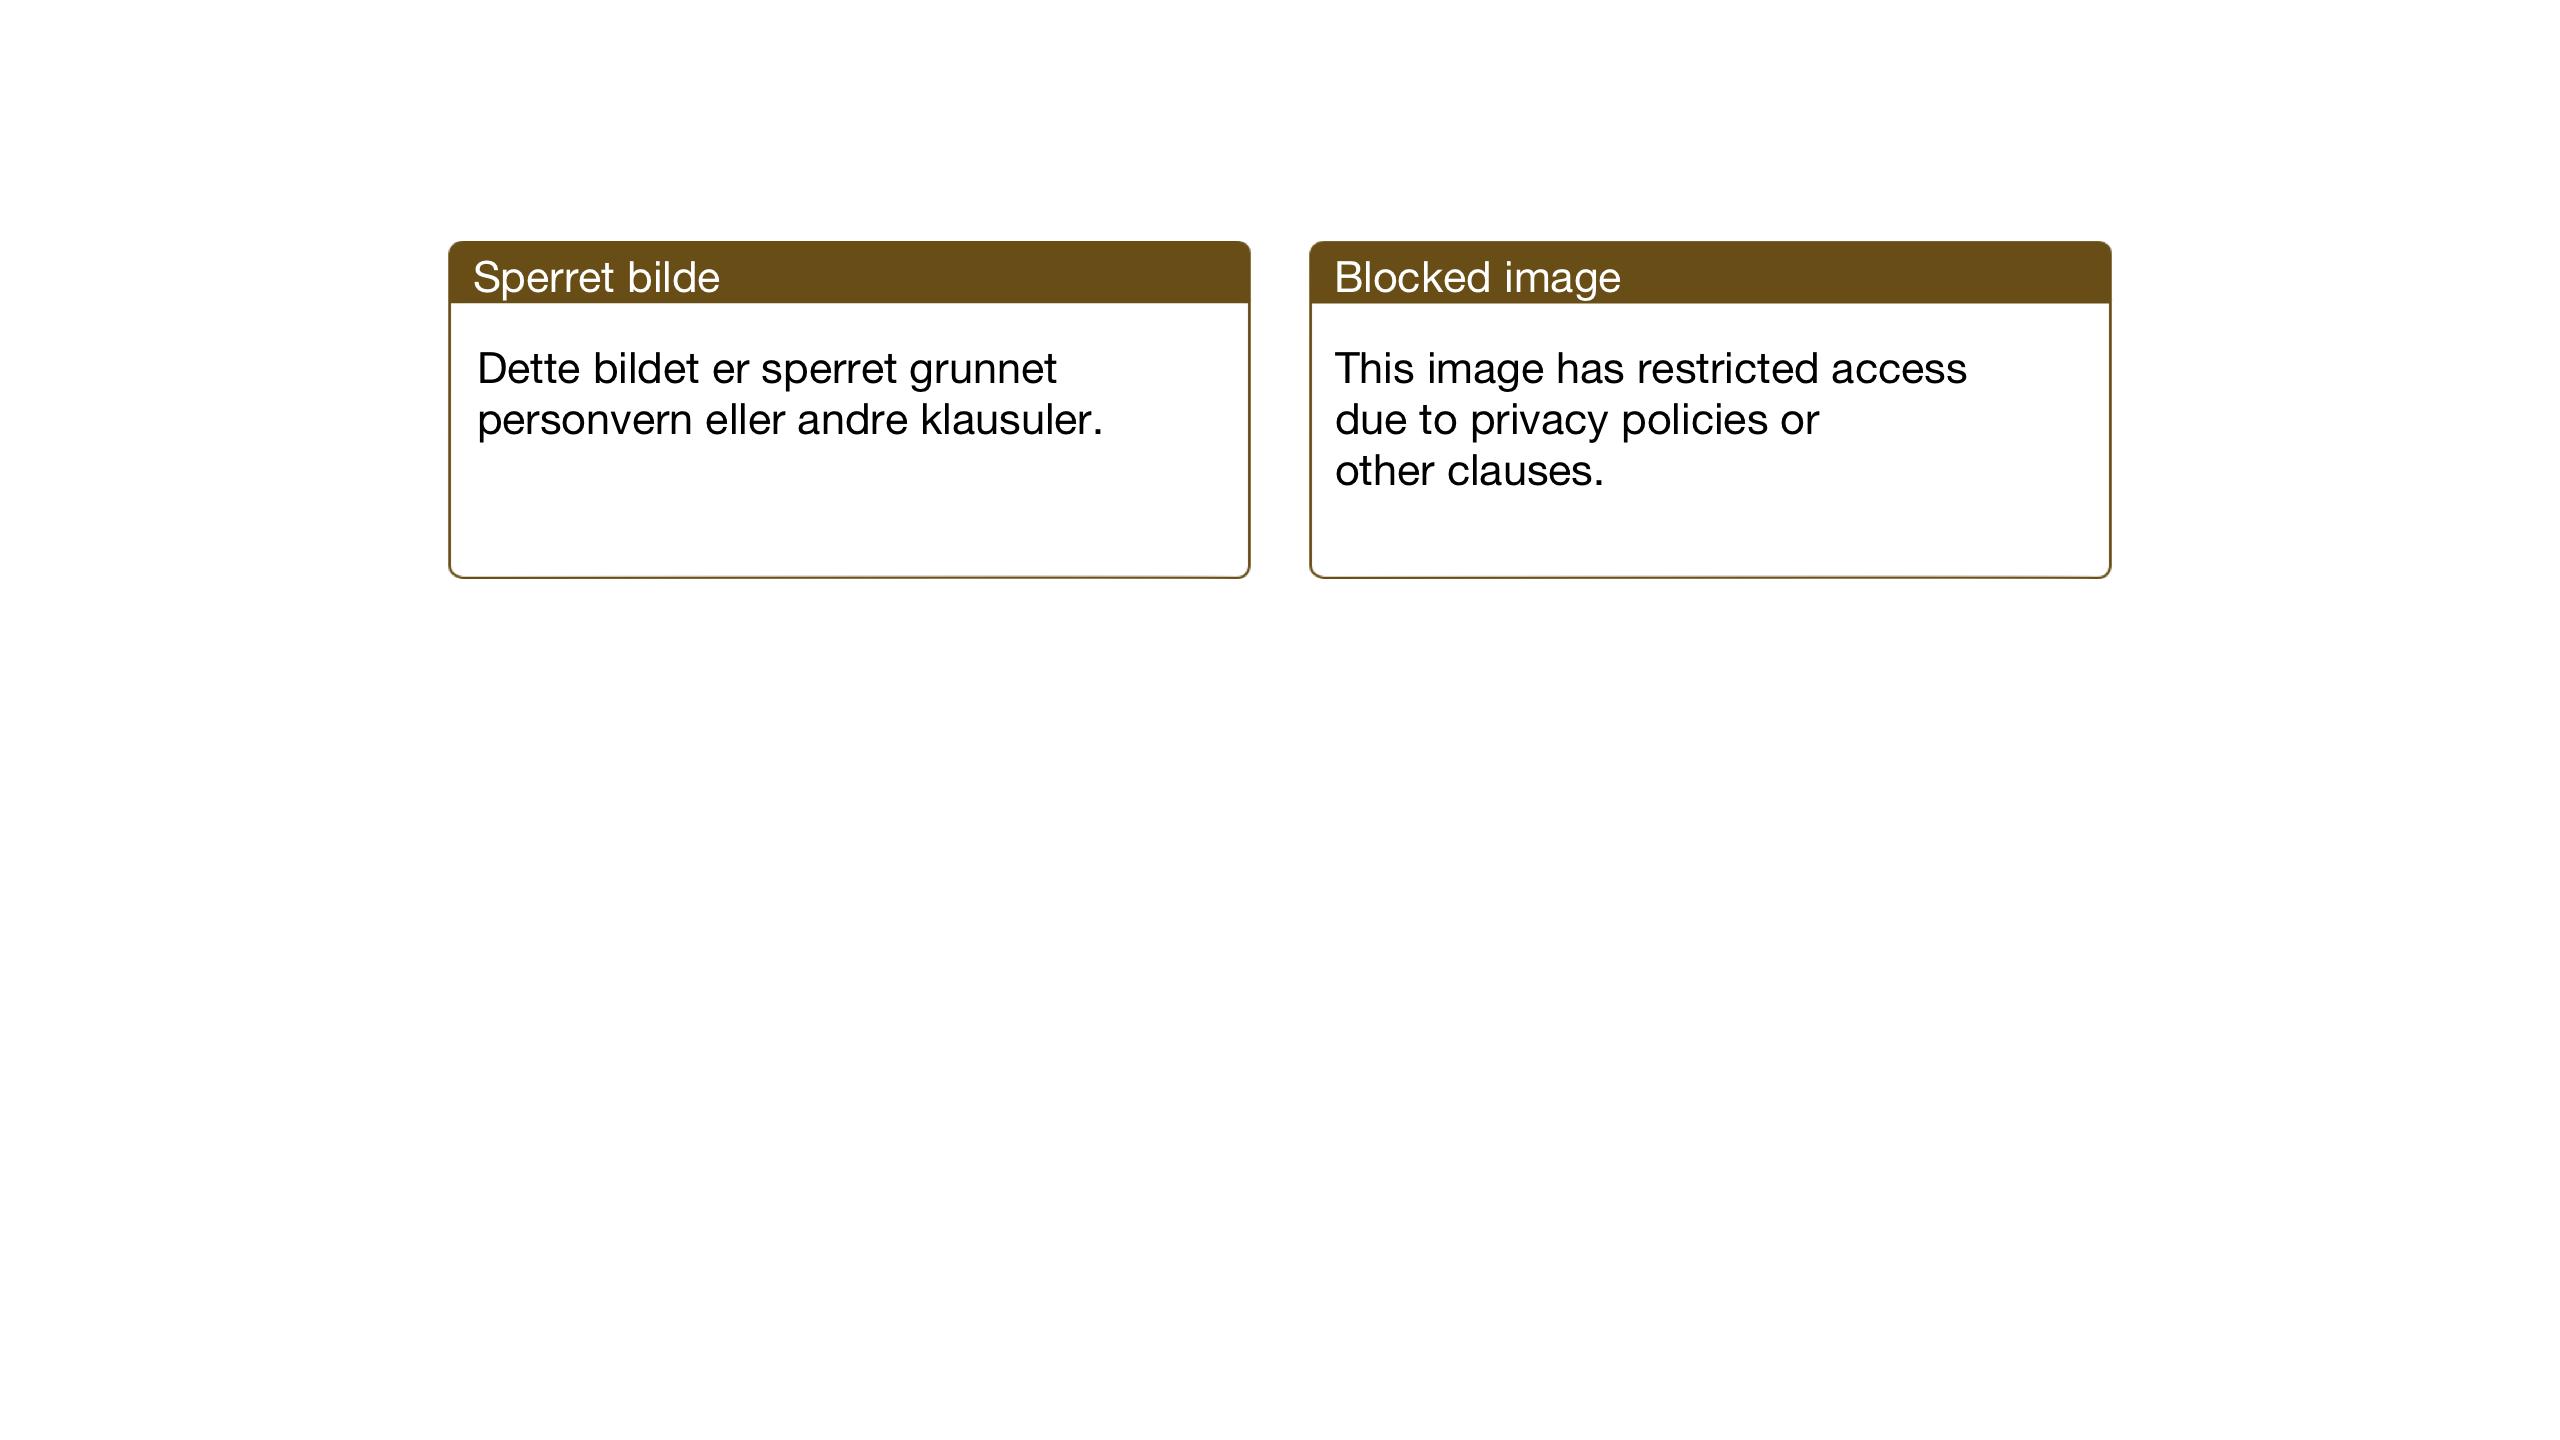 SAT, Ministerialprotokoller, klokkerbøker og fødselsregistre - Sør-Trøndelag, 651/L0648: Klokkerbok nr. 651C02, 1915-1945, s. 76